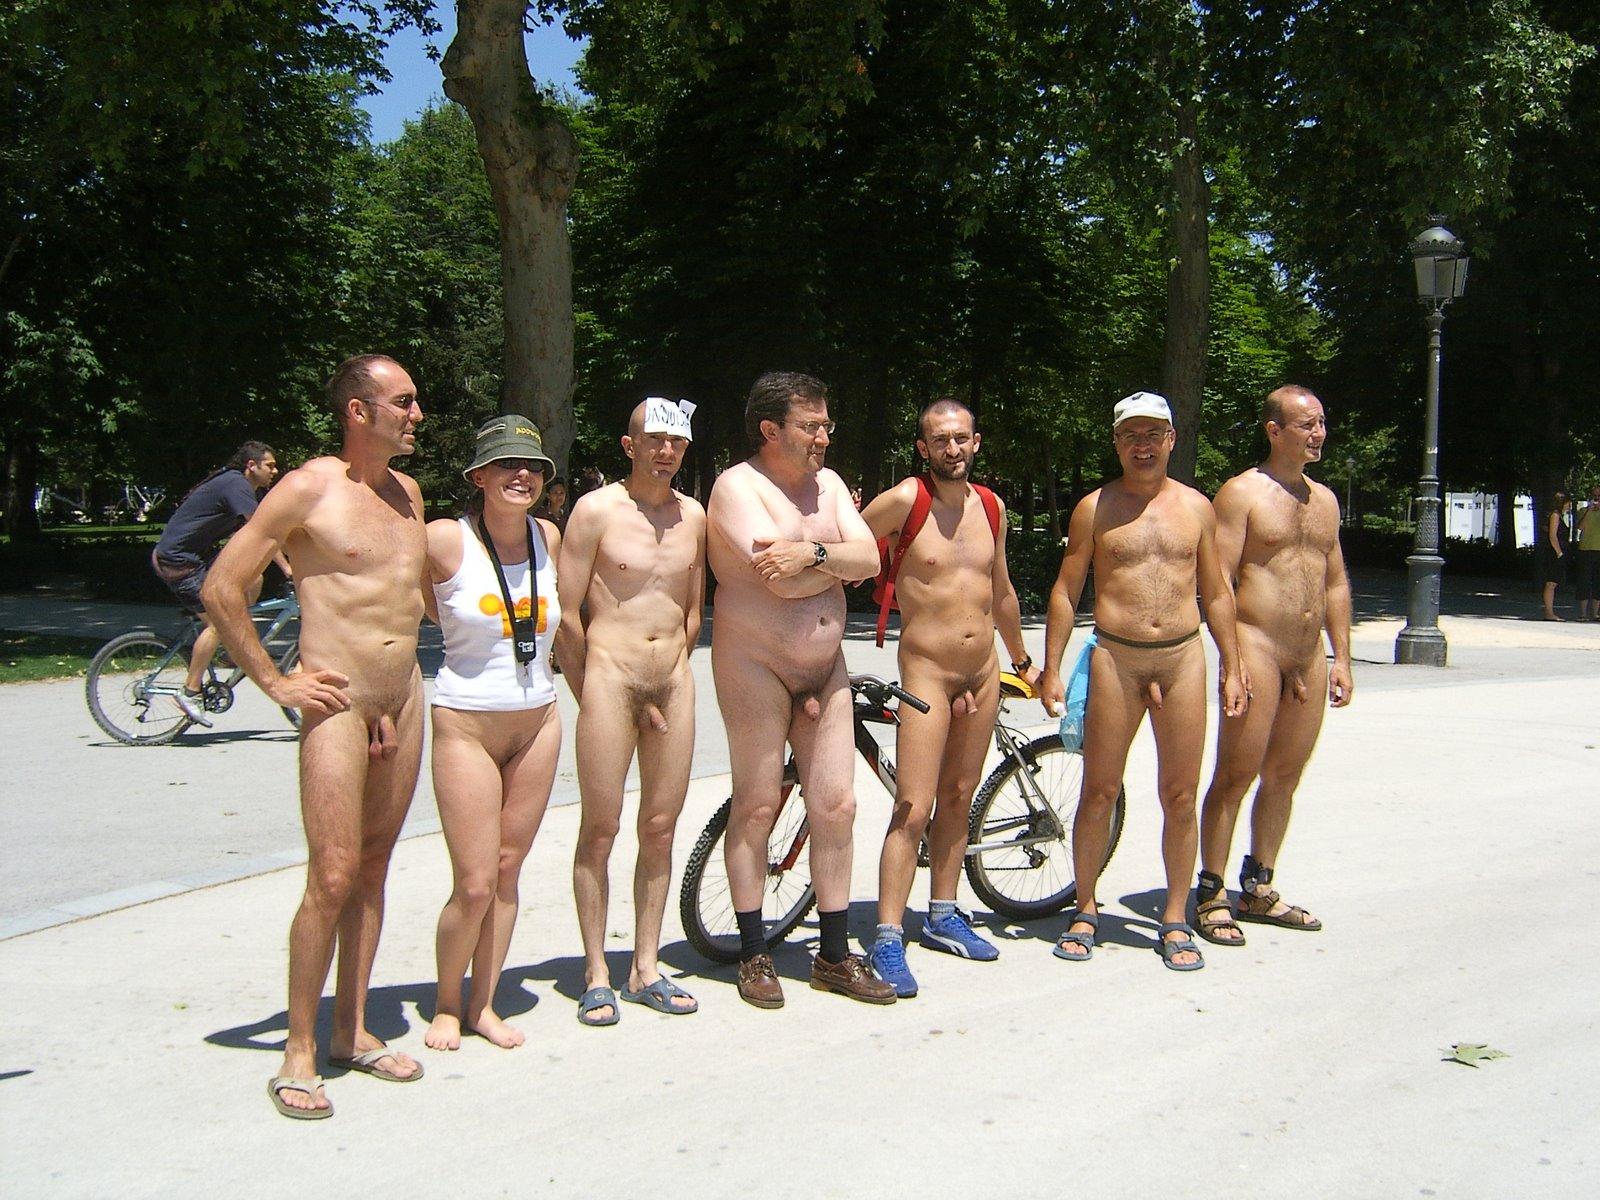 EL DERECHO A DESNUDARSE | nudismo en cordoba: https://nudismoencordoba.wordpress.com/2014/04/06/el-derecho-a-desnudarse/